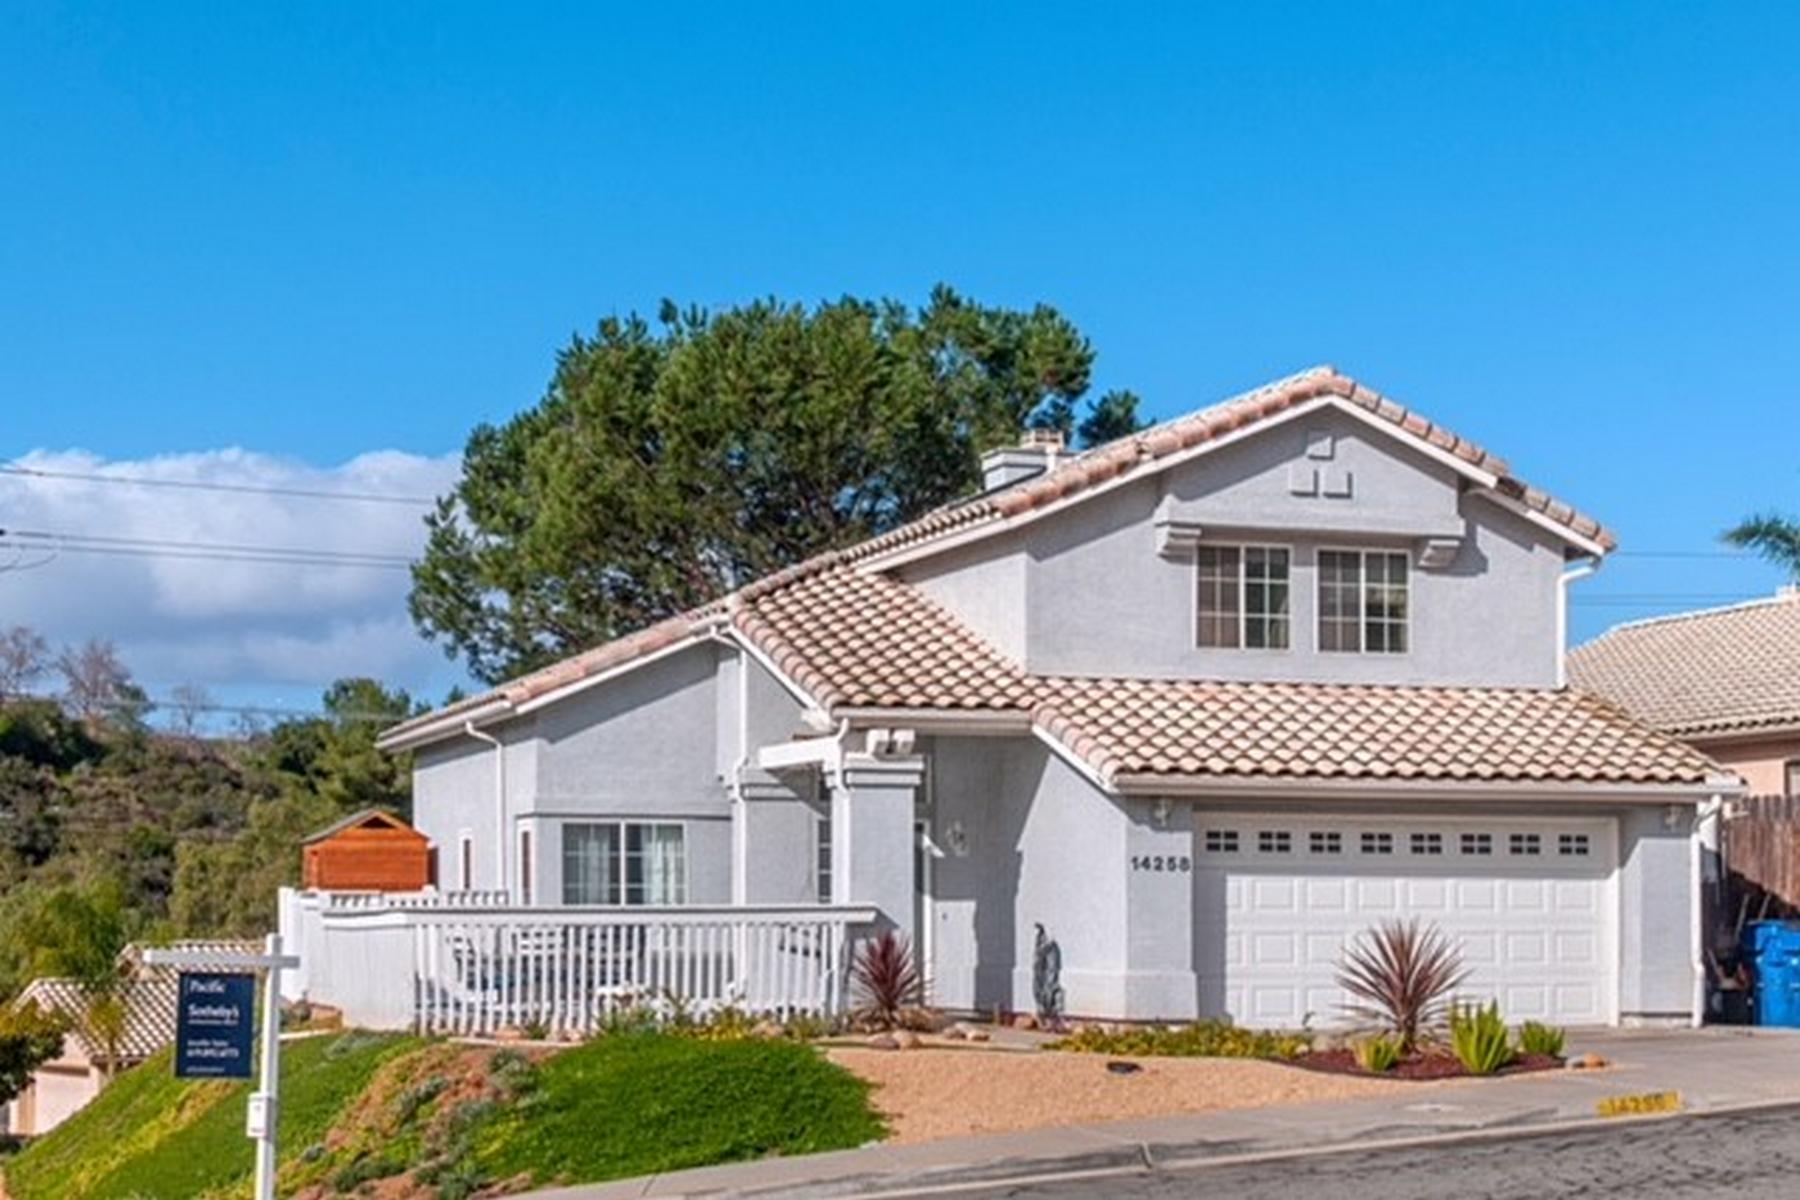 Частный односемейный дом для того Продажа на 14258 Legacy Lane El Cajon, Калифорния, 92021 Соединенные Штаты